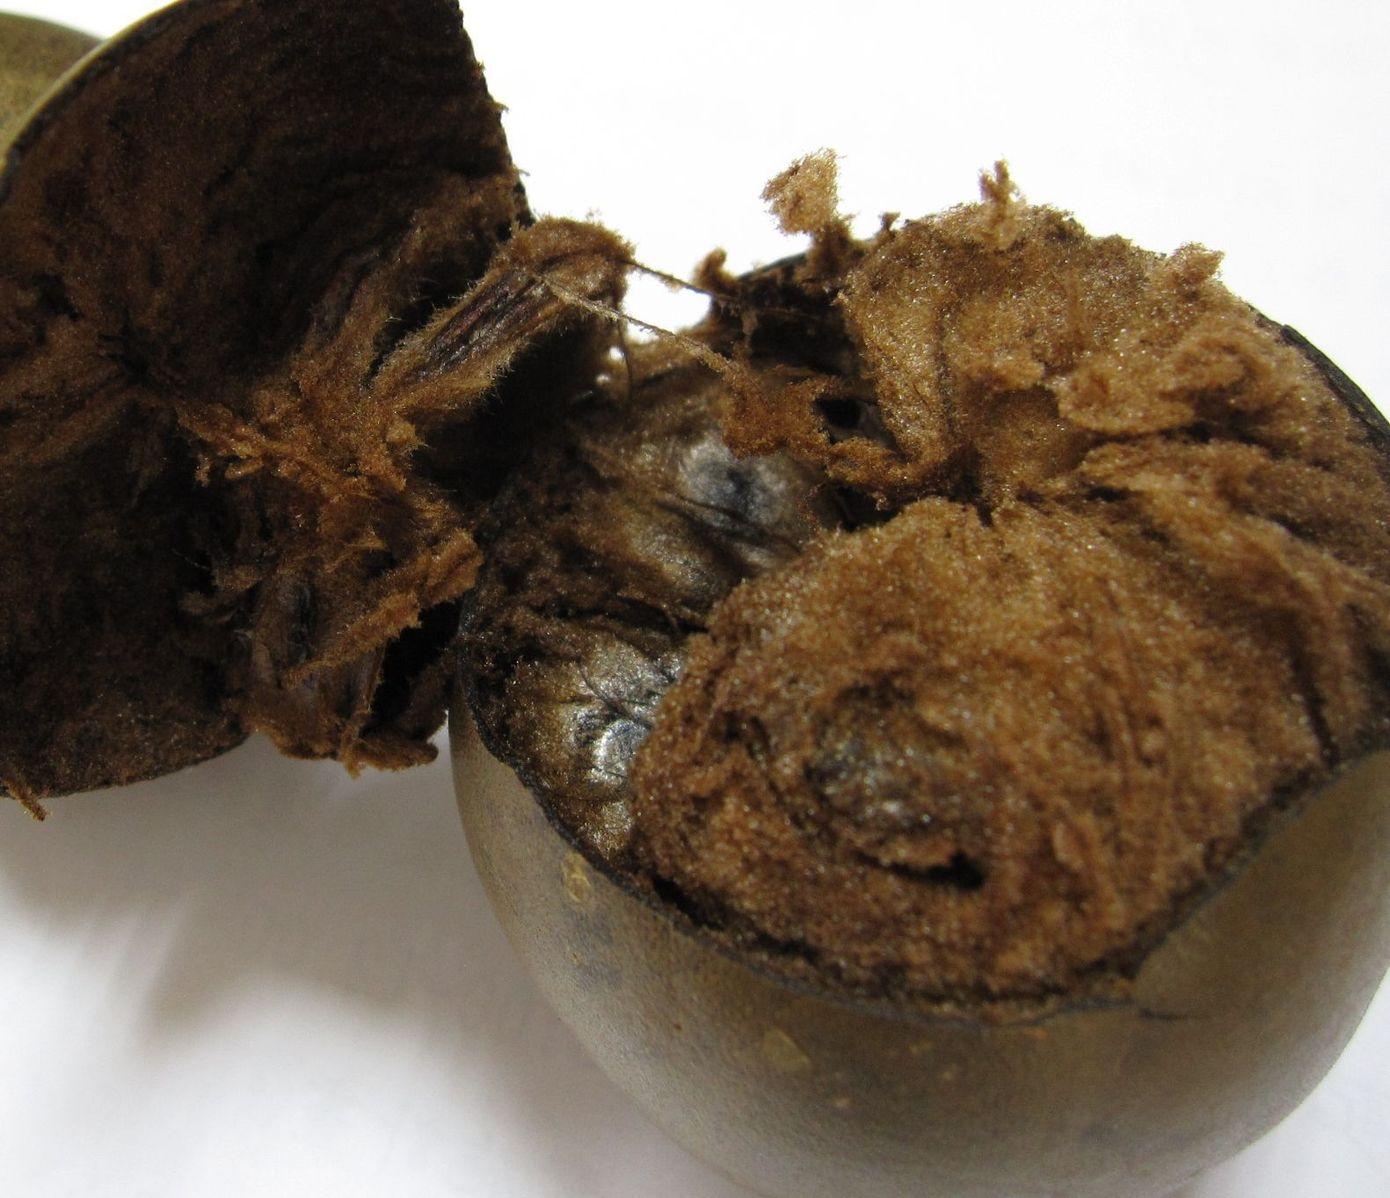 1390px-Dried_Siraitia_grosvenorii_(luohanguo)_fruit_(opened)